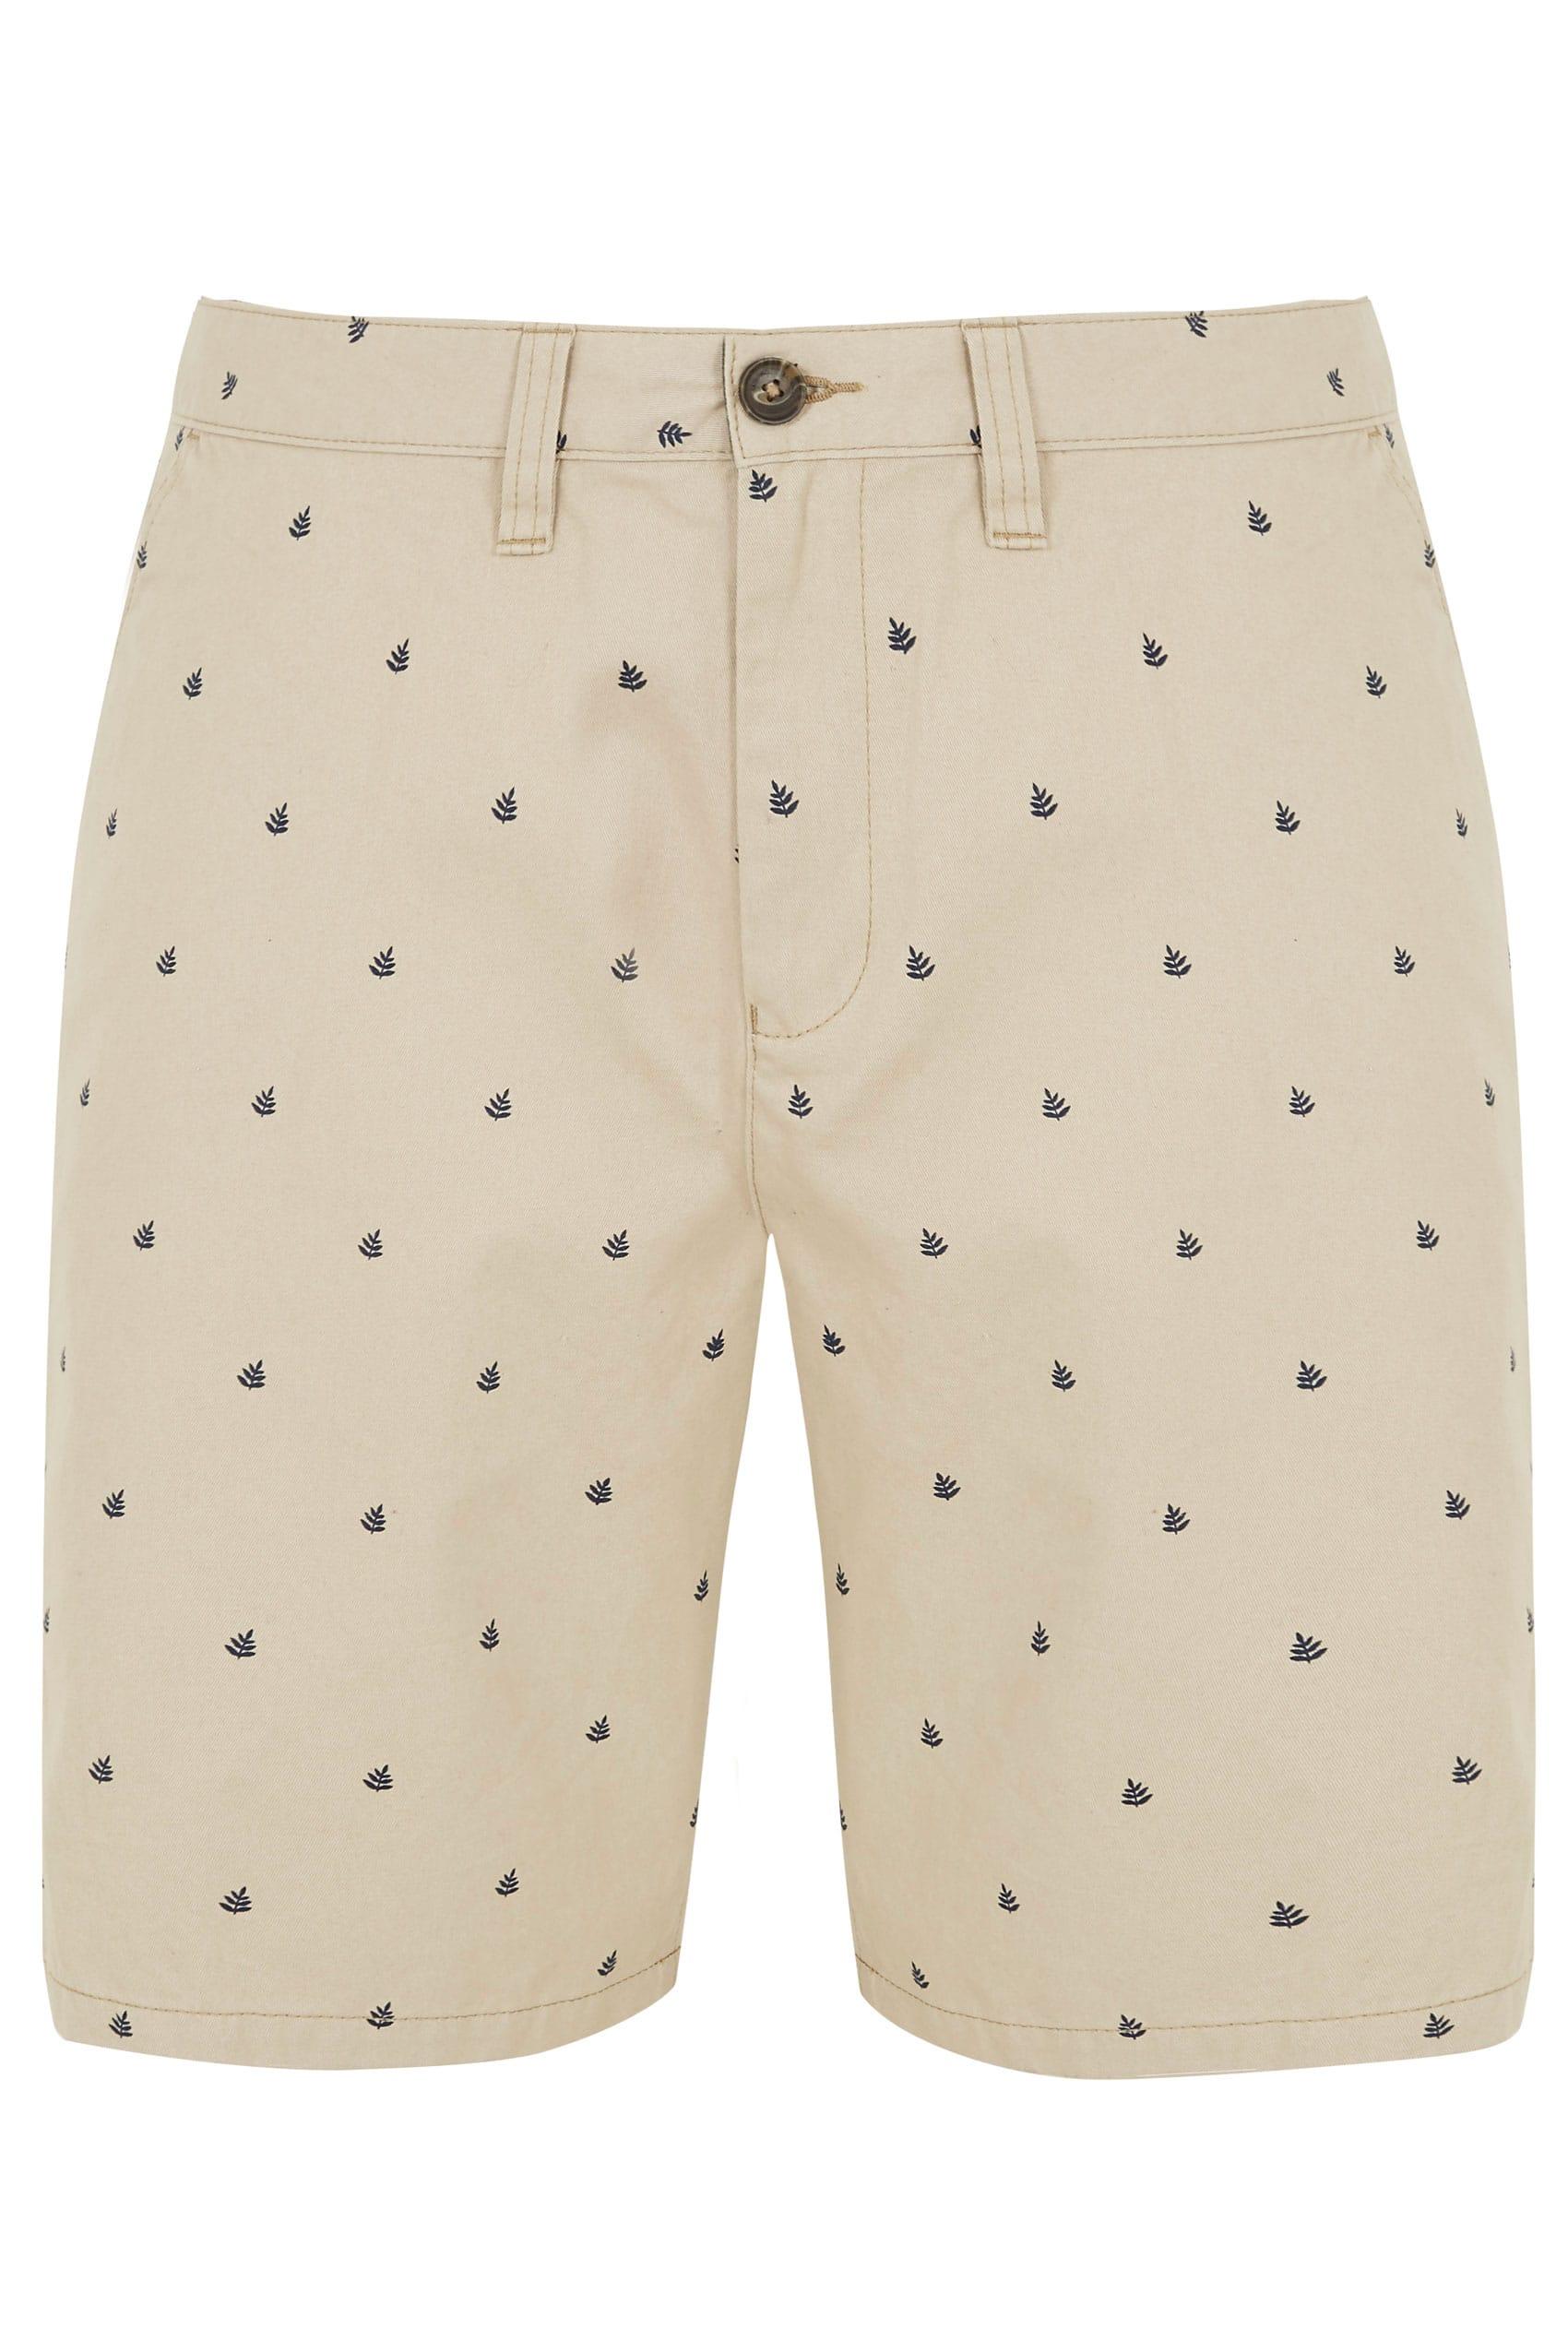 BadRhino Stone Printed Chino Shorts